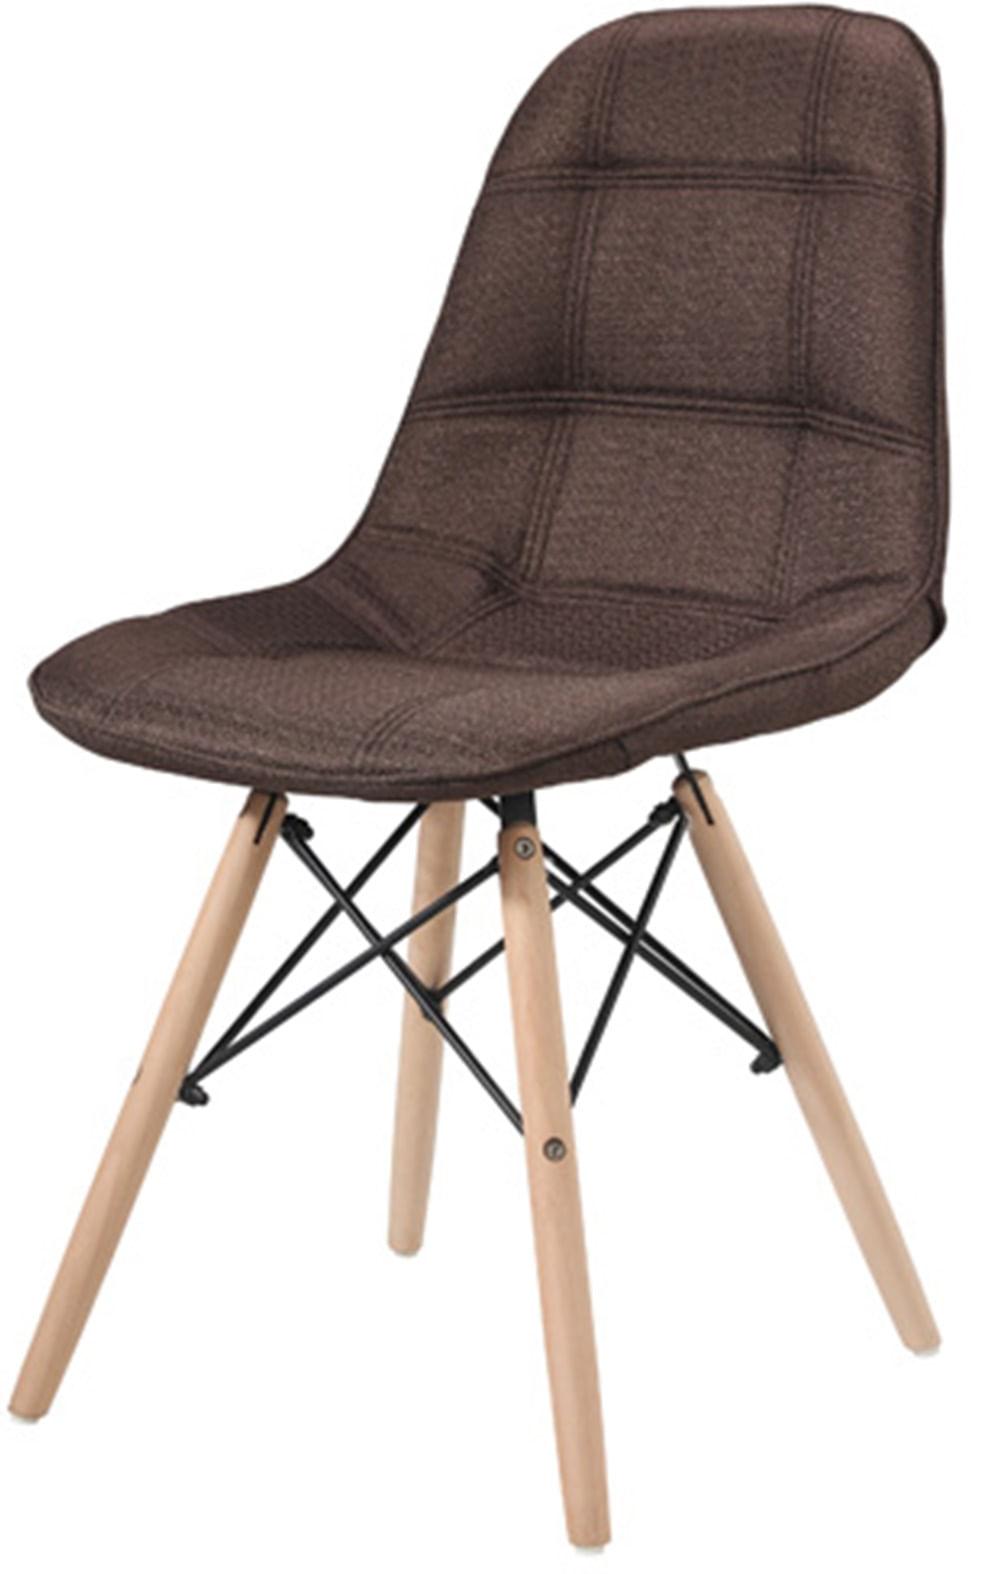 Cadeira Eames Estofada Linho Marrom Base Madeira - 43055